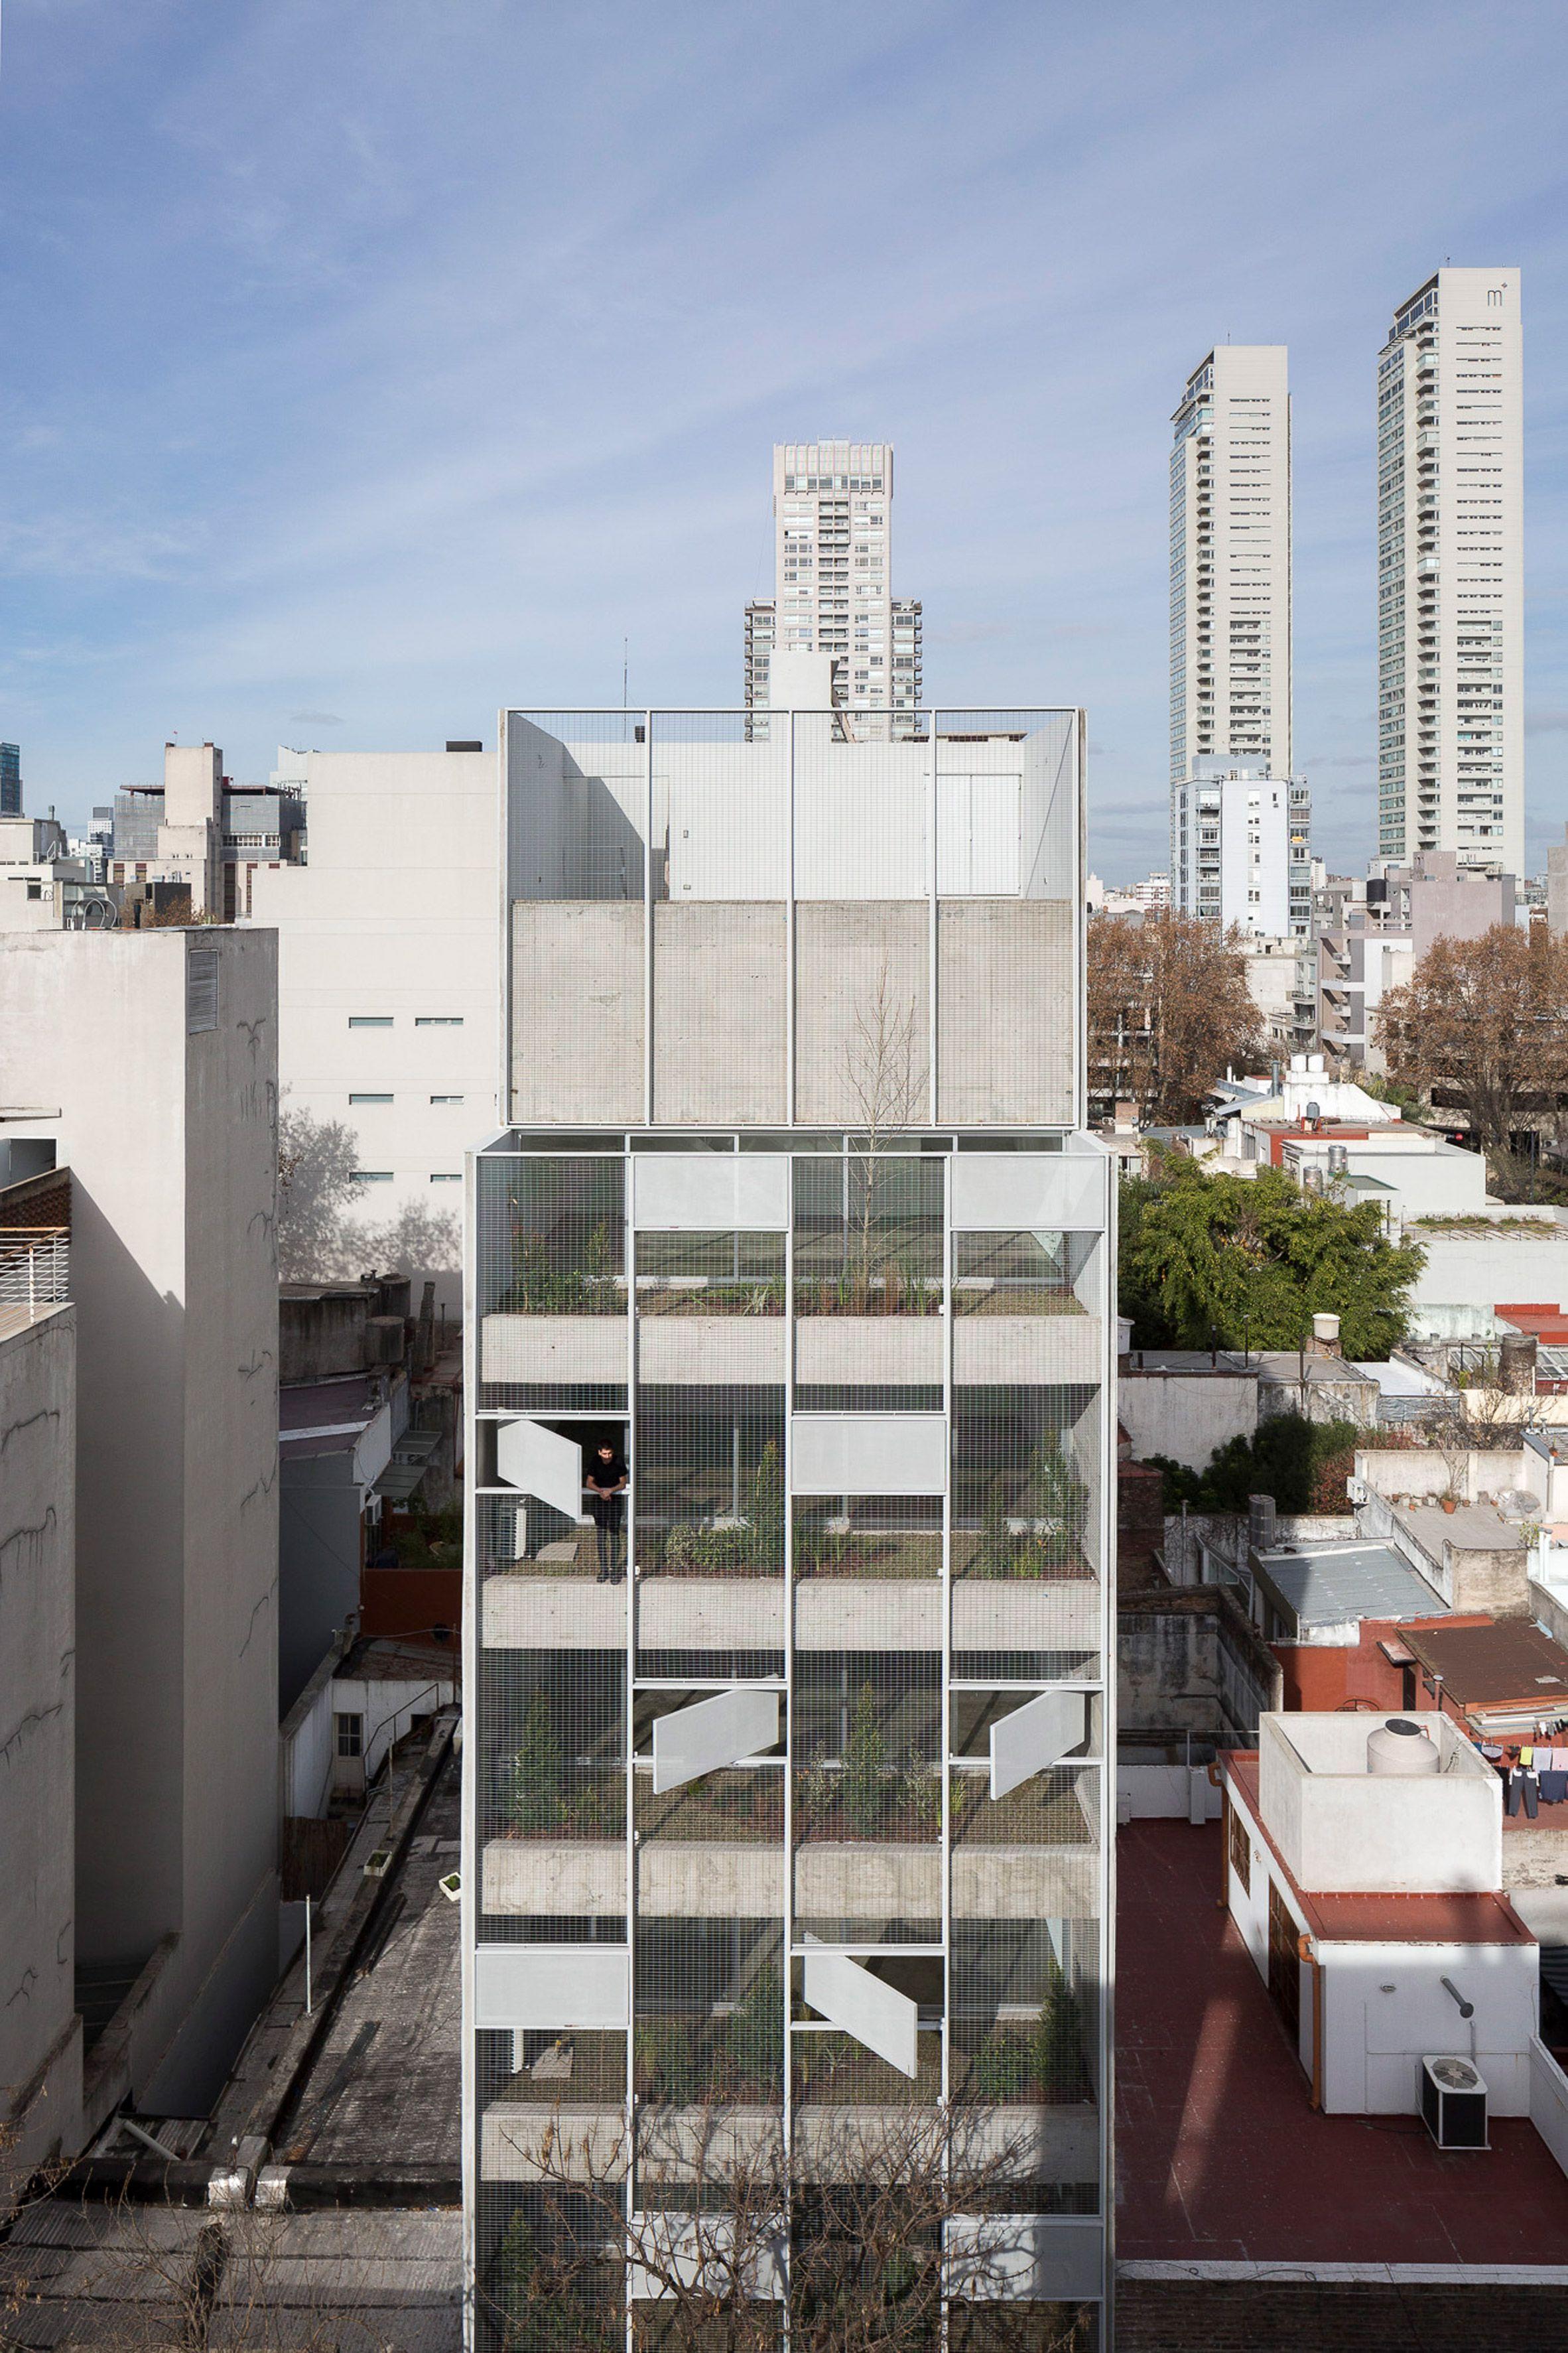 Architettura A Madrid arquitectura   facade architecture, architecture